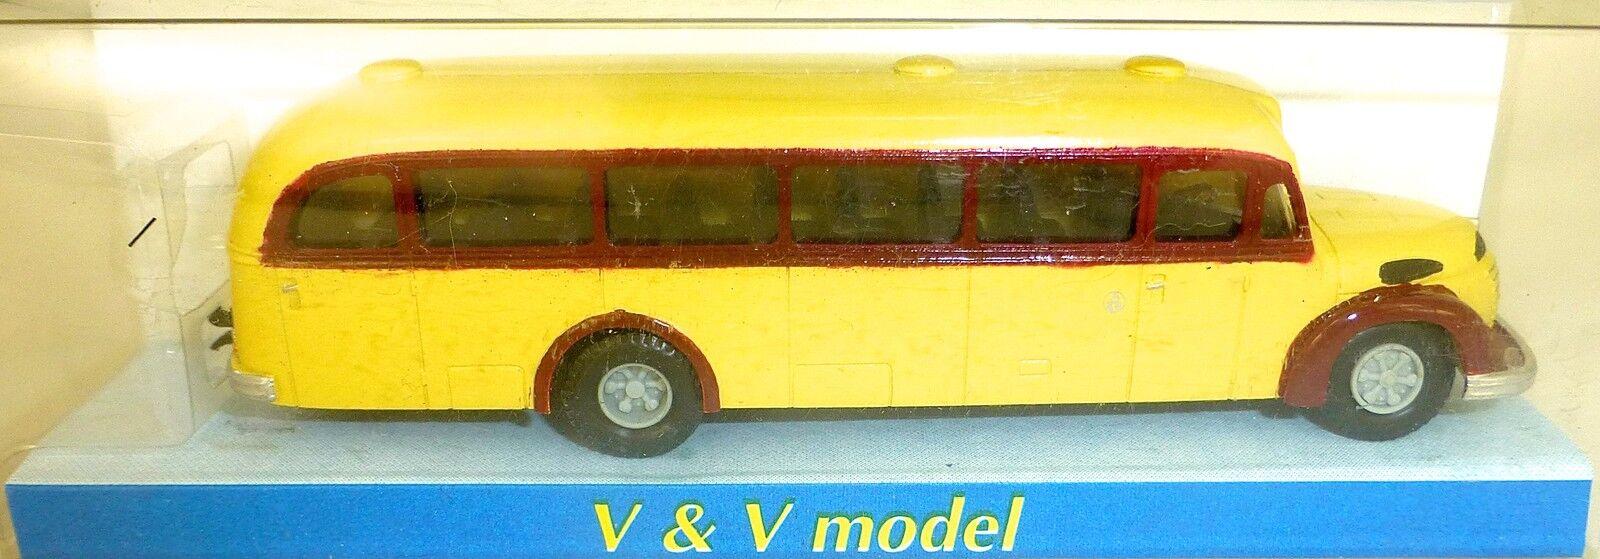 1953 Gräf & brooch 120 fon öbb yellow red omnibus bus h0 1 87 2341 gd4 å v&v